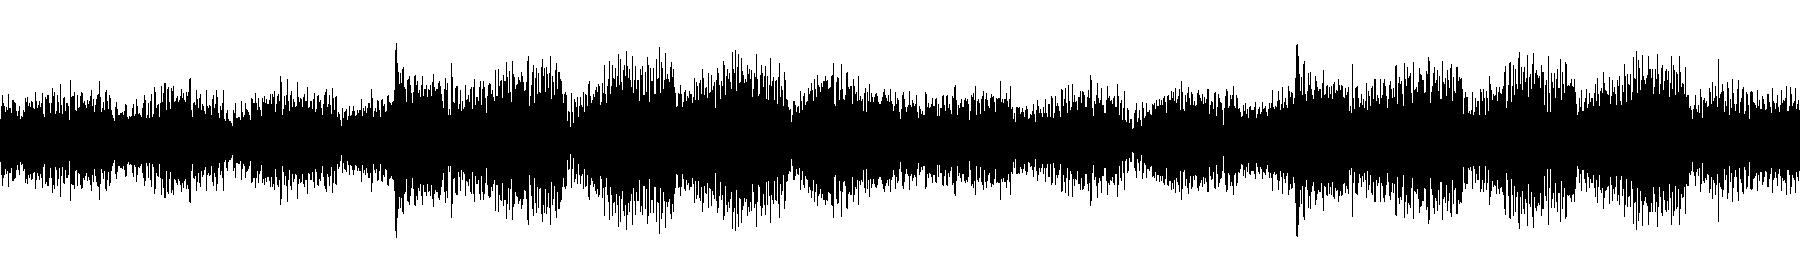 pth synth 16b